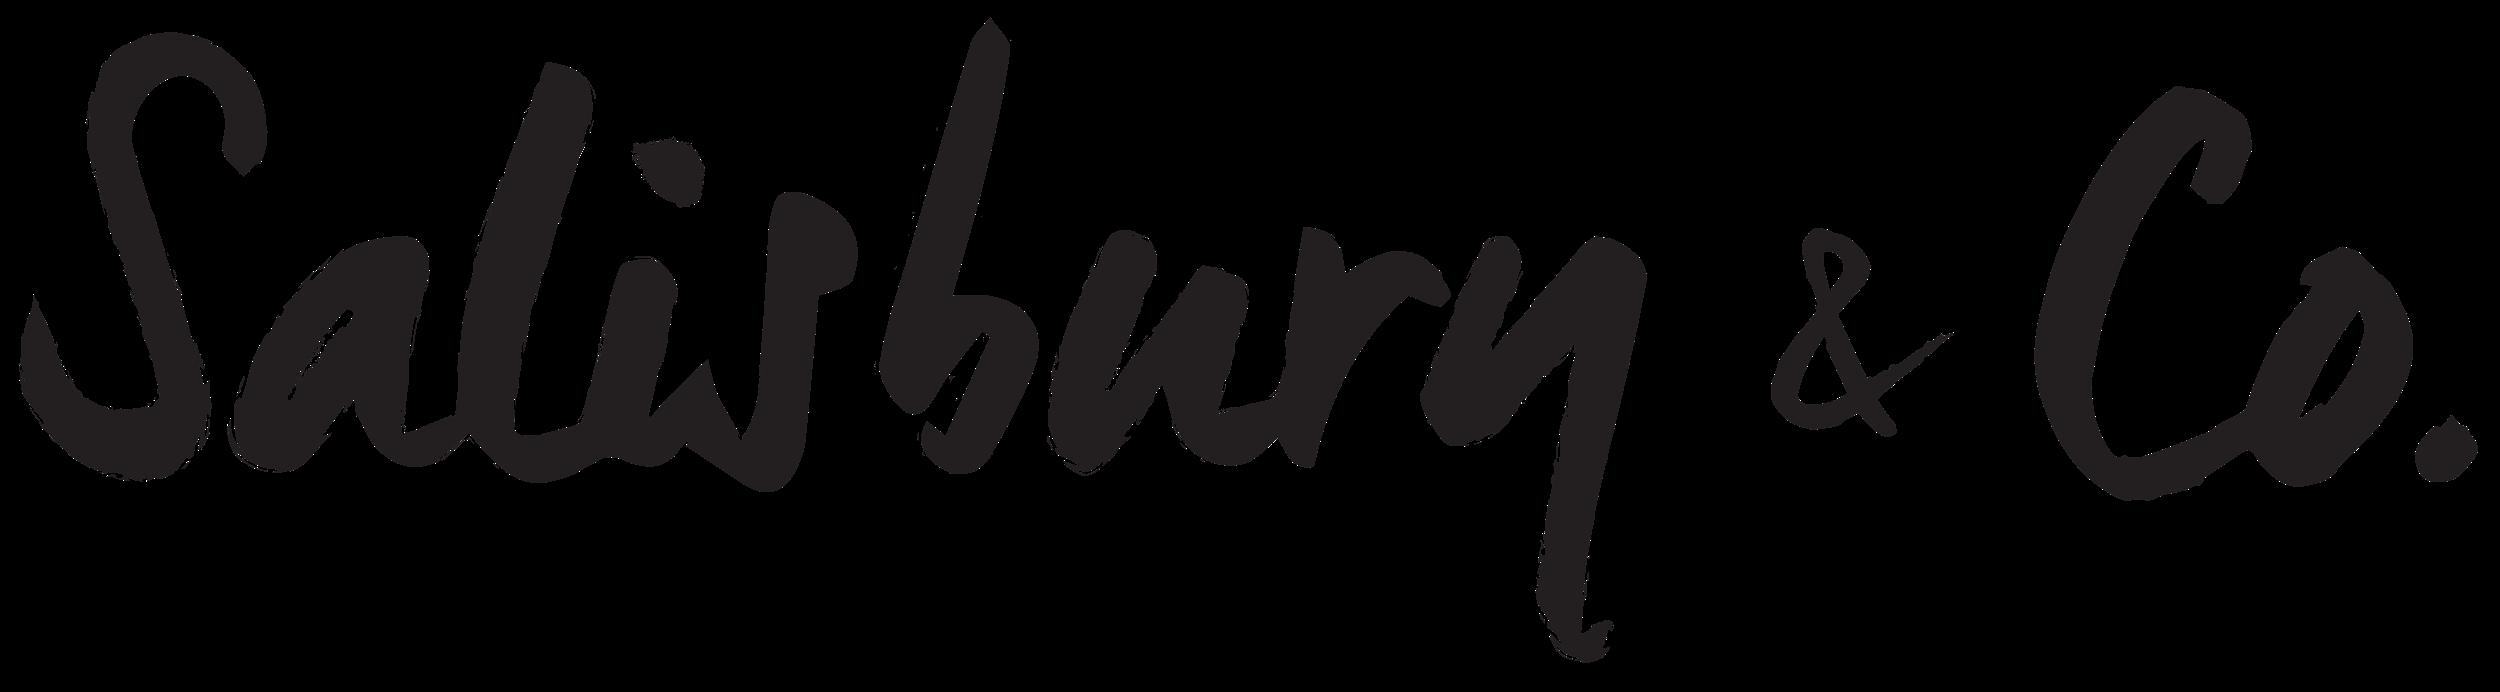 salisbury-logo.png